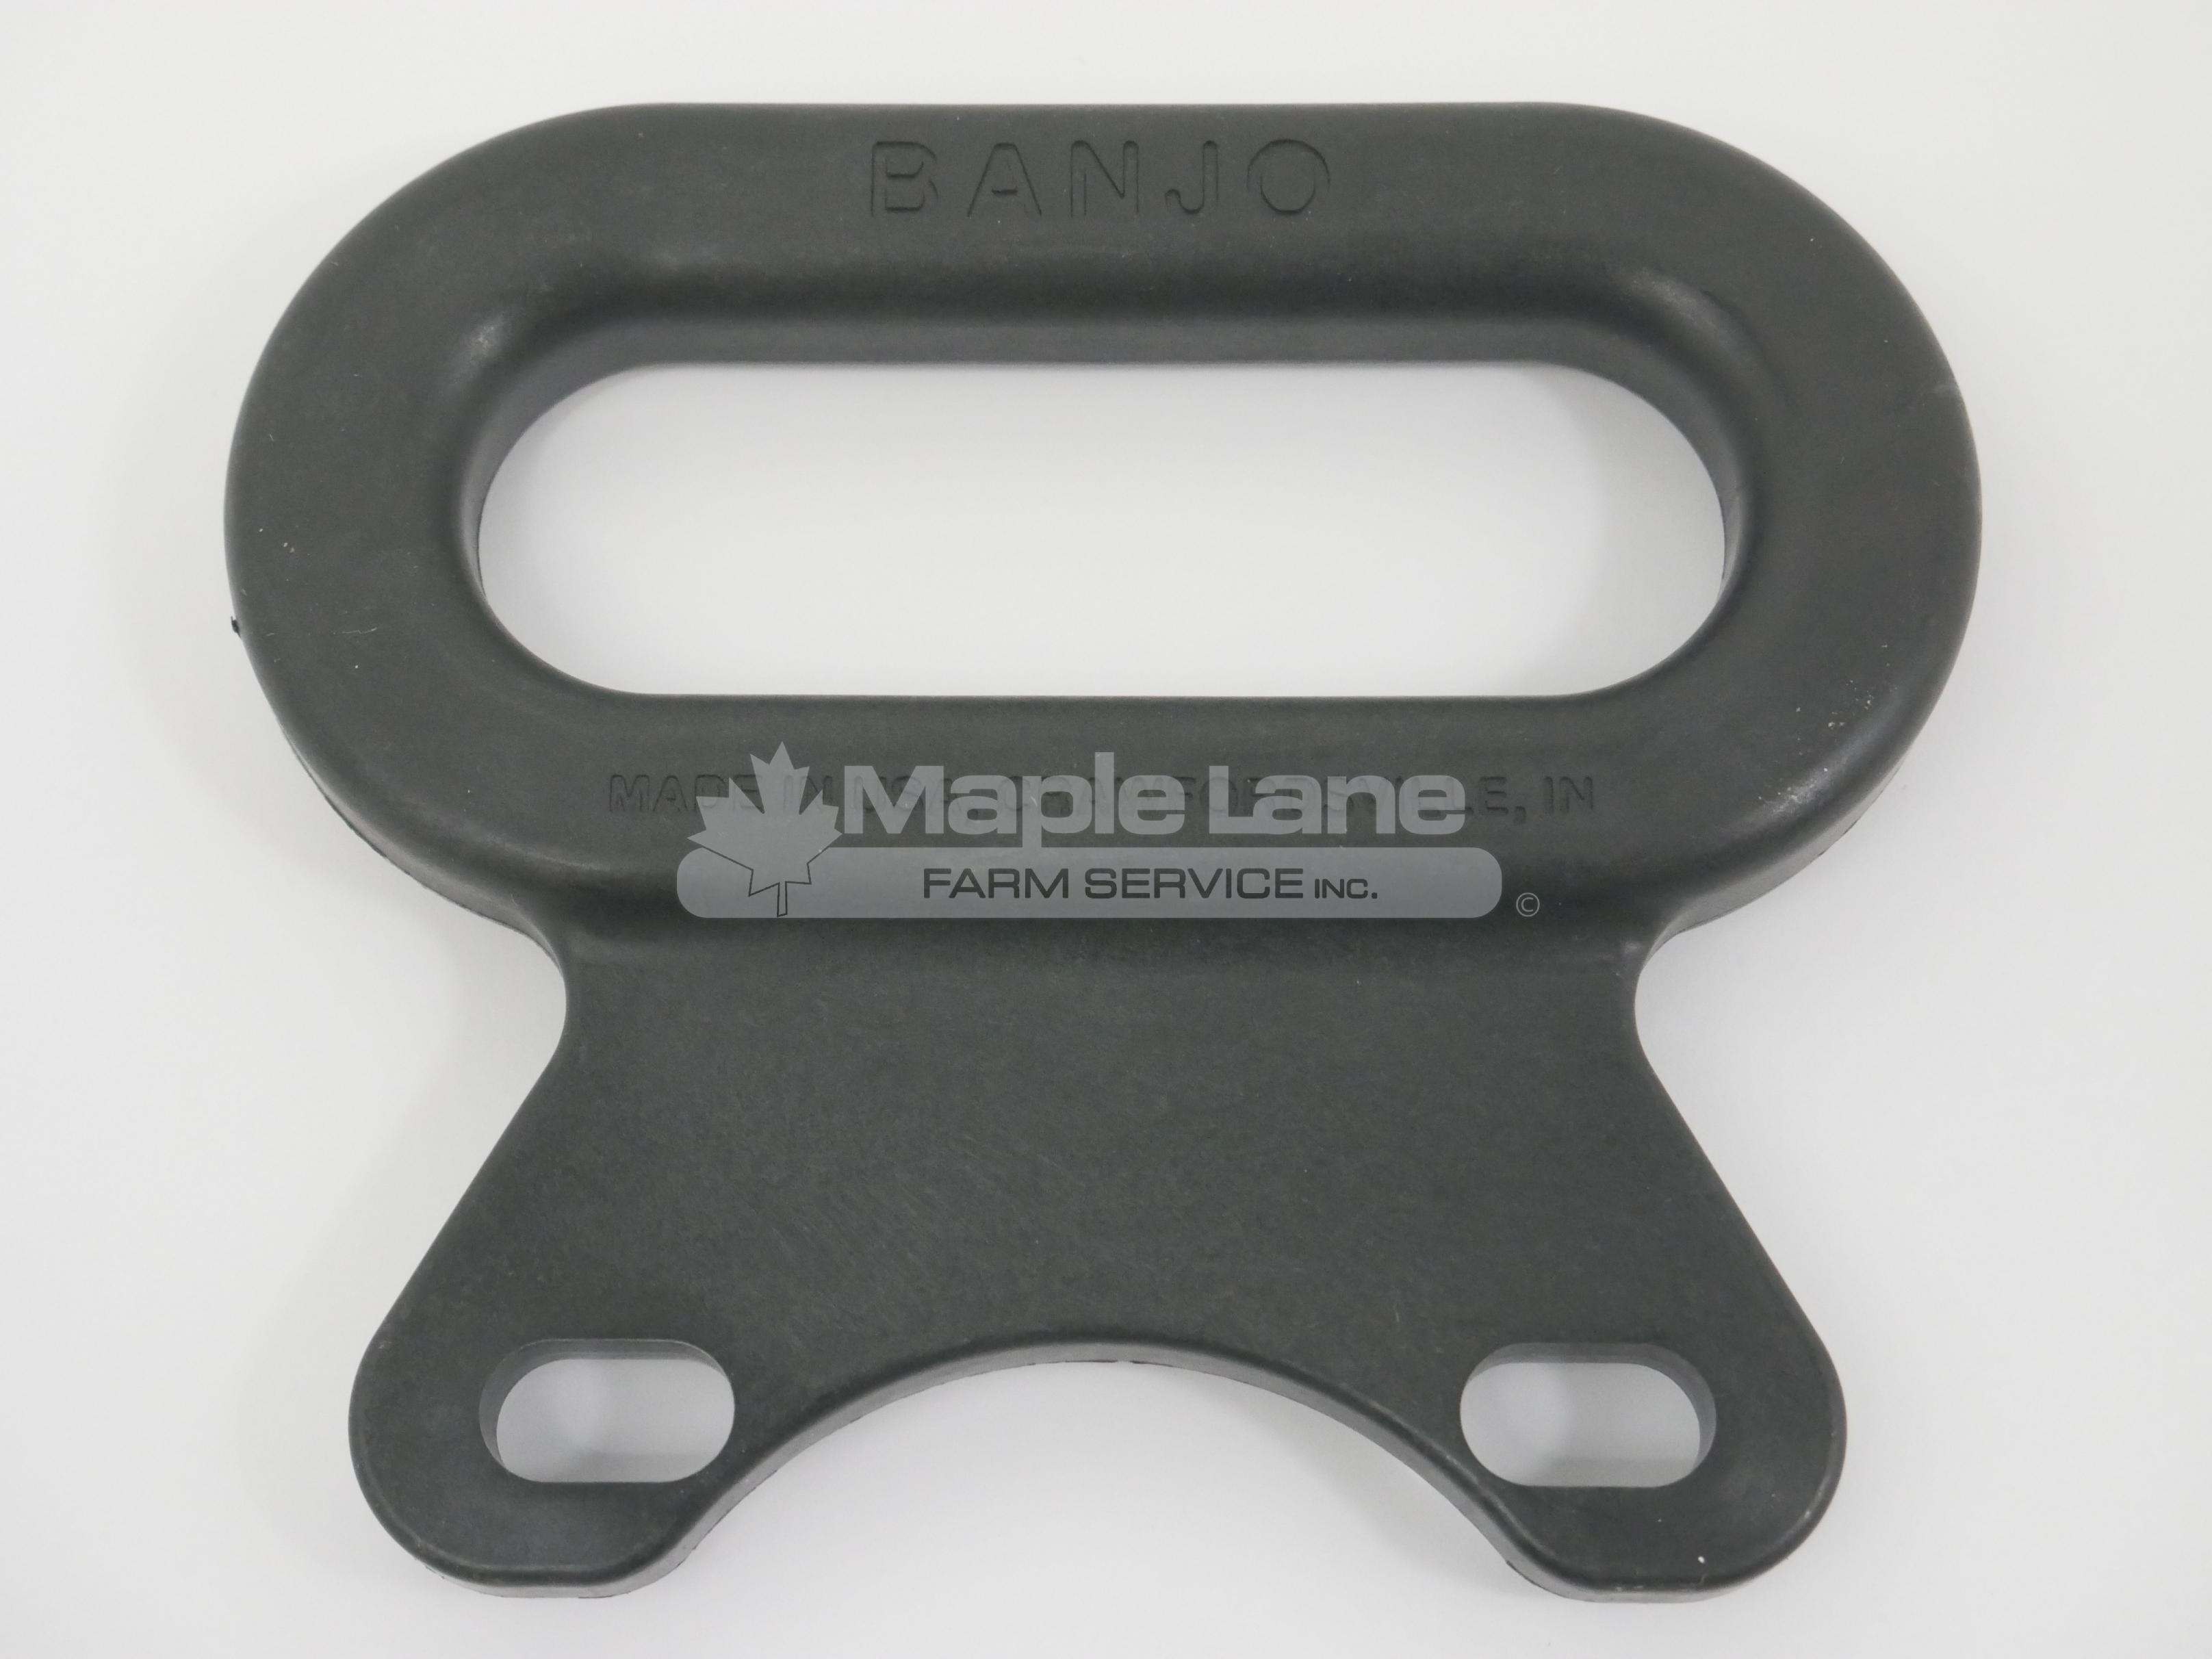 AG430395 Valve Carry Handle